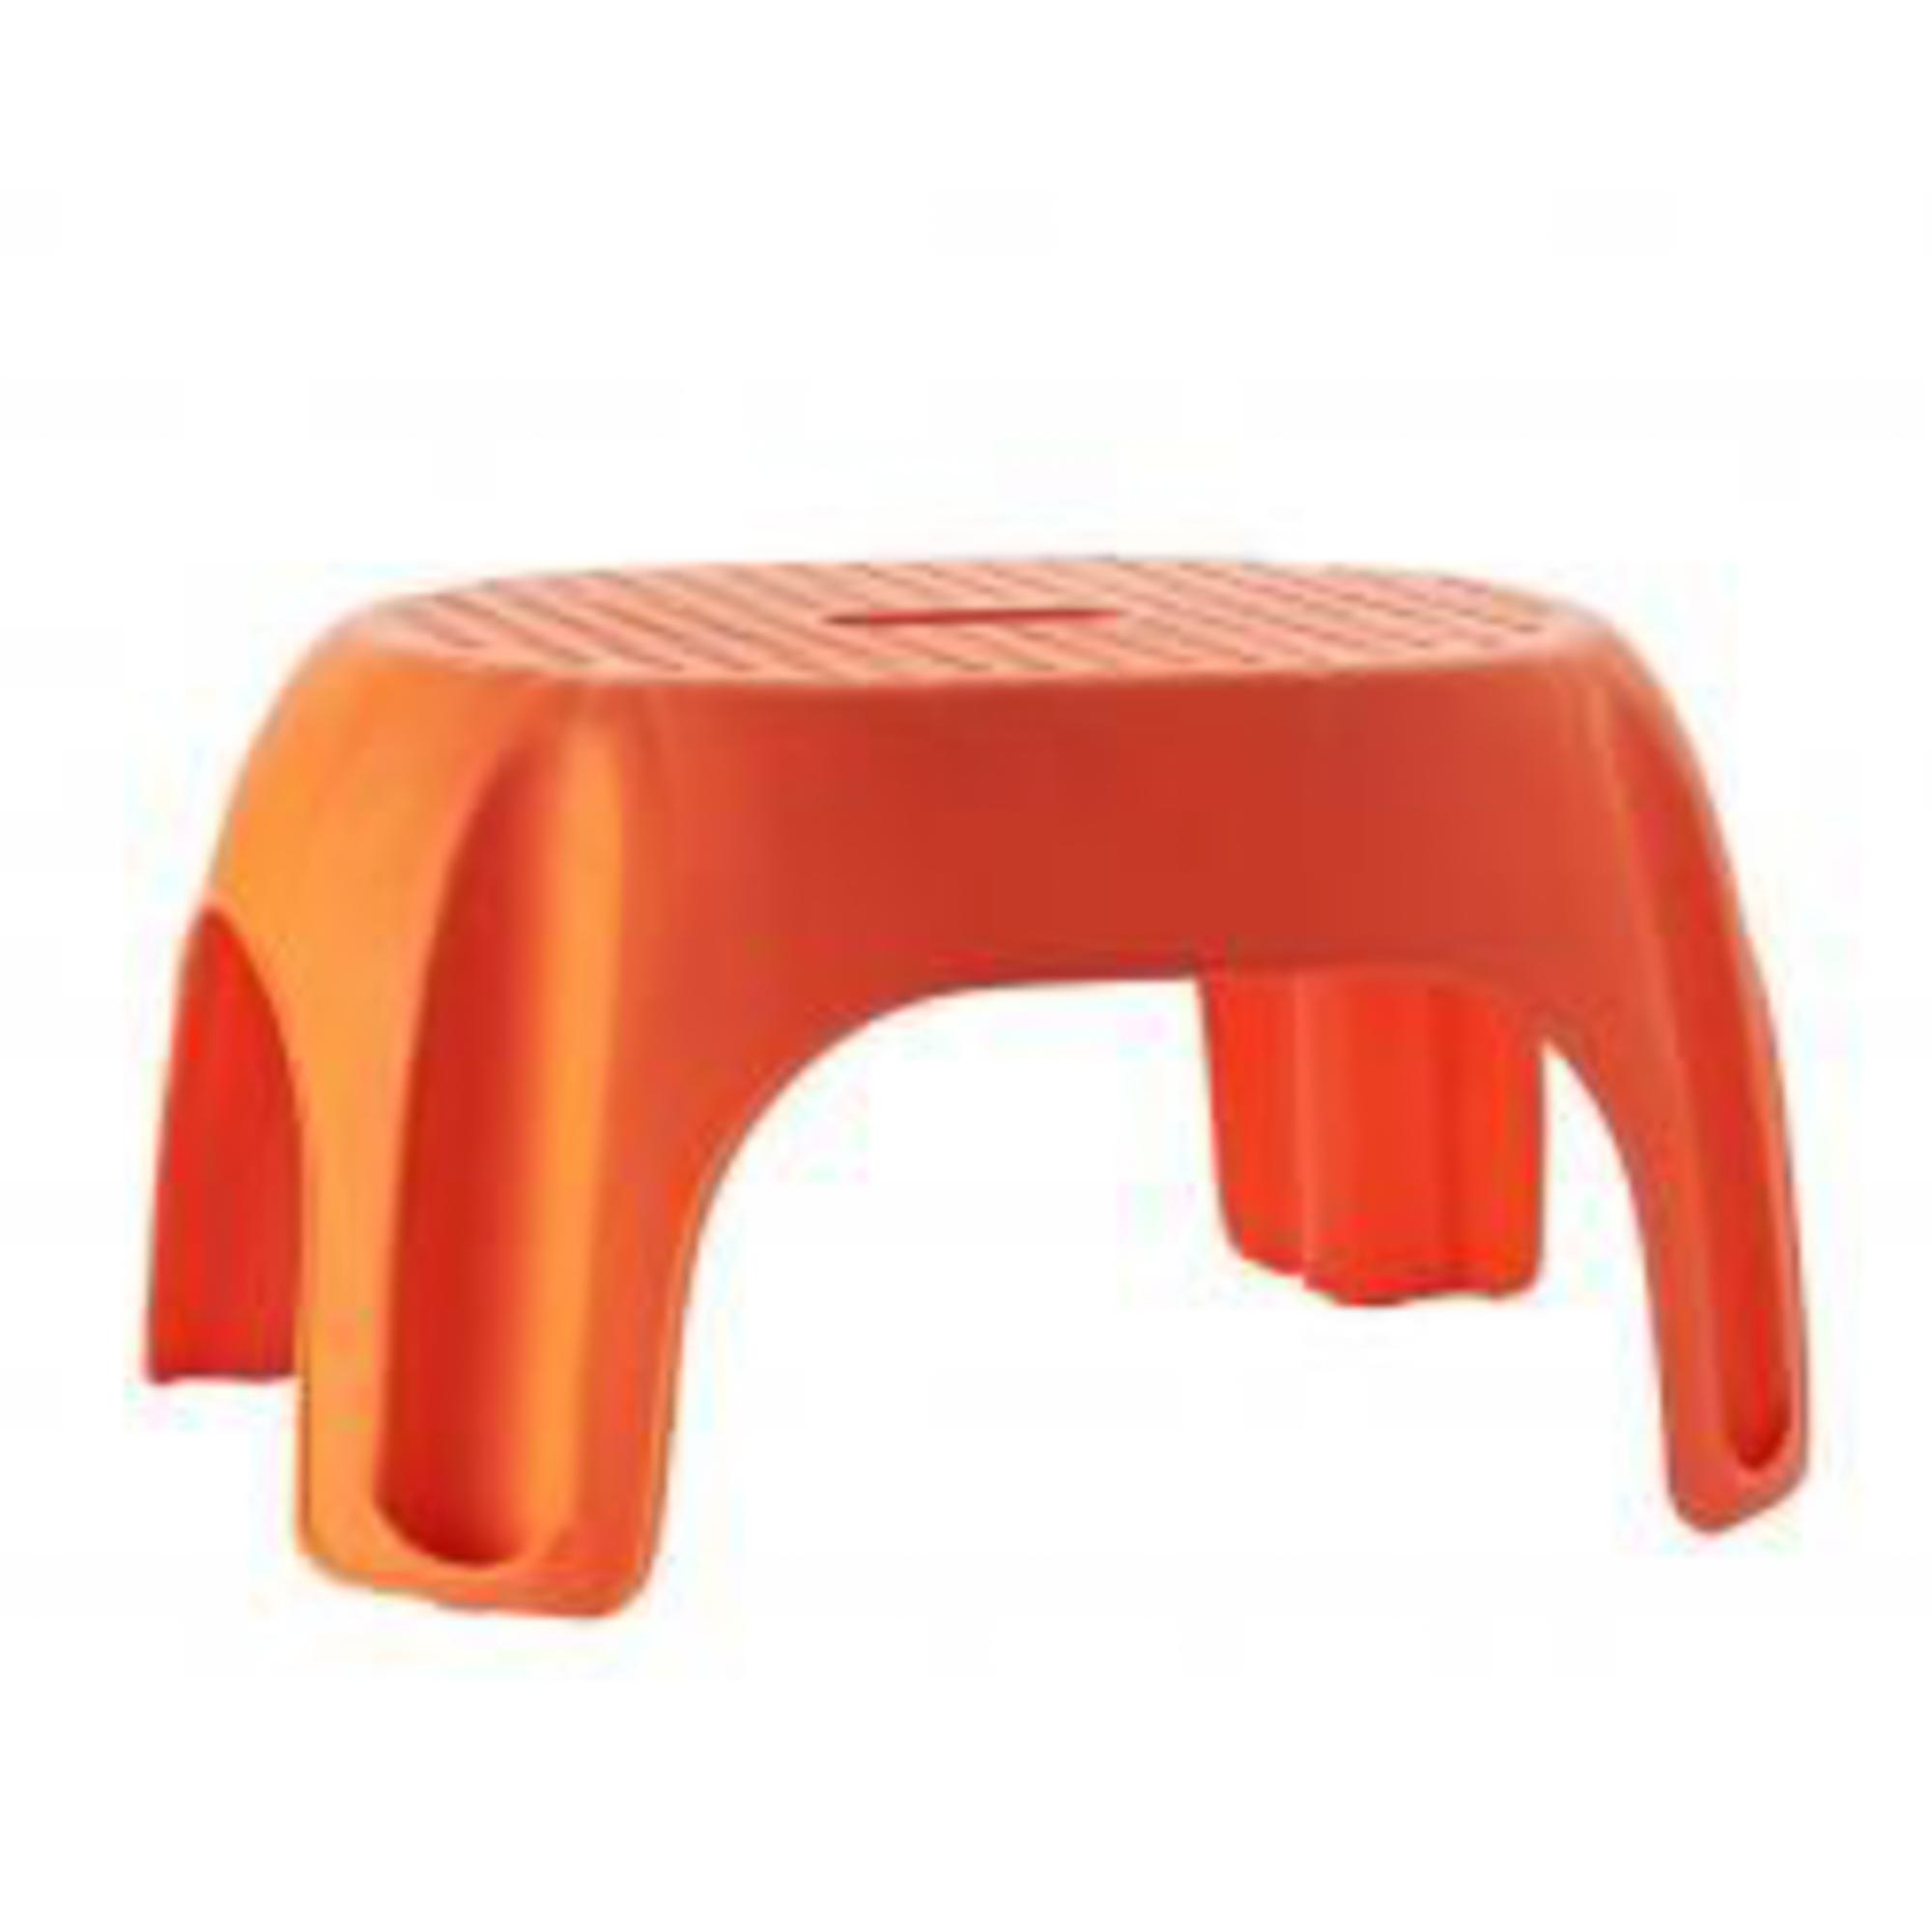 Табурет в ванну Promo оранжевый Ridder